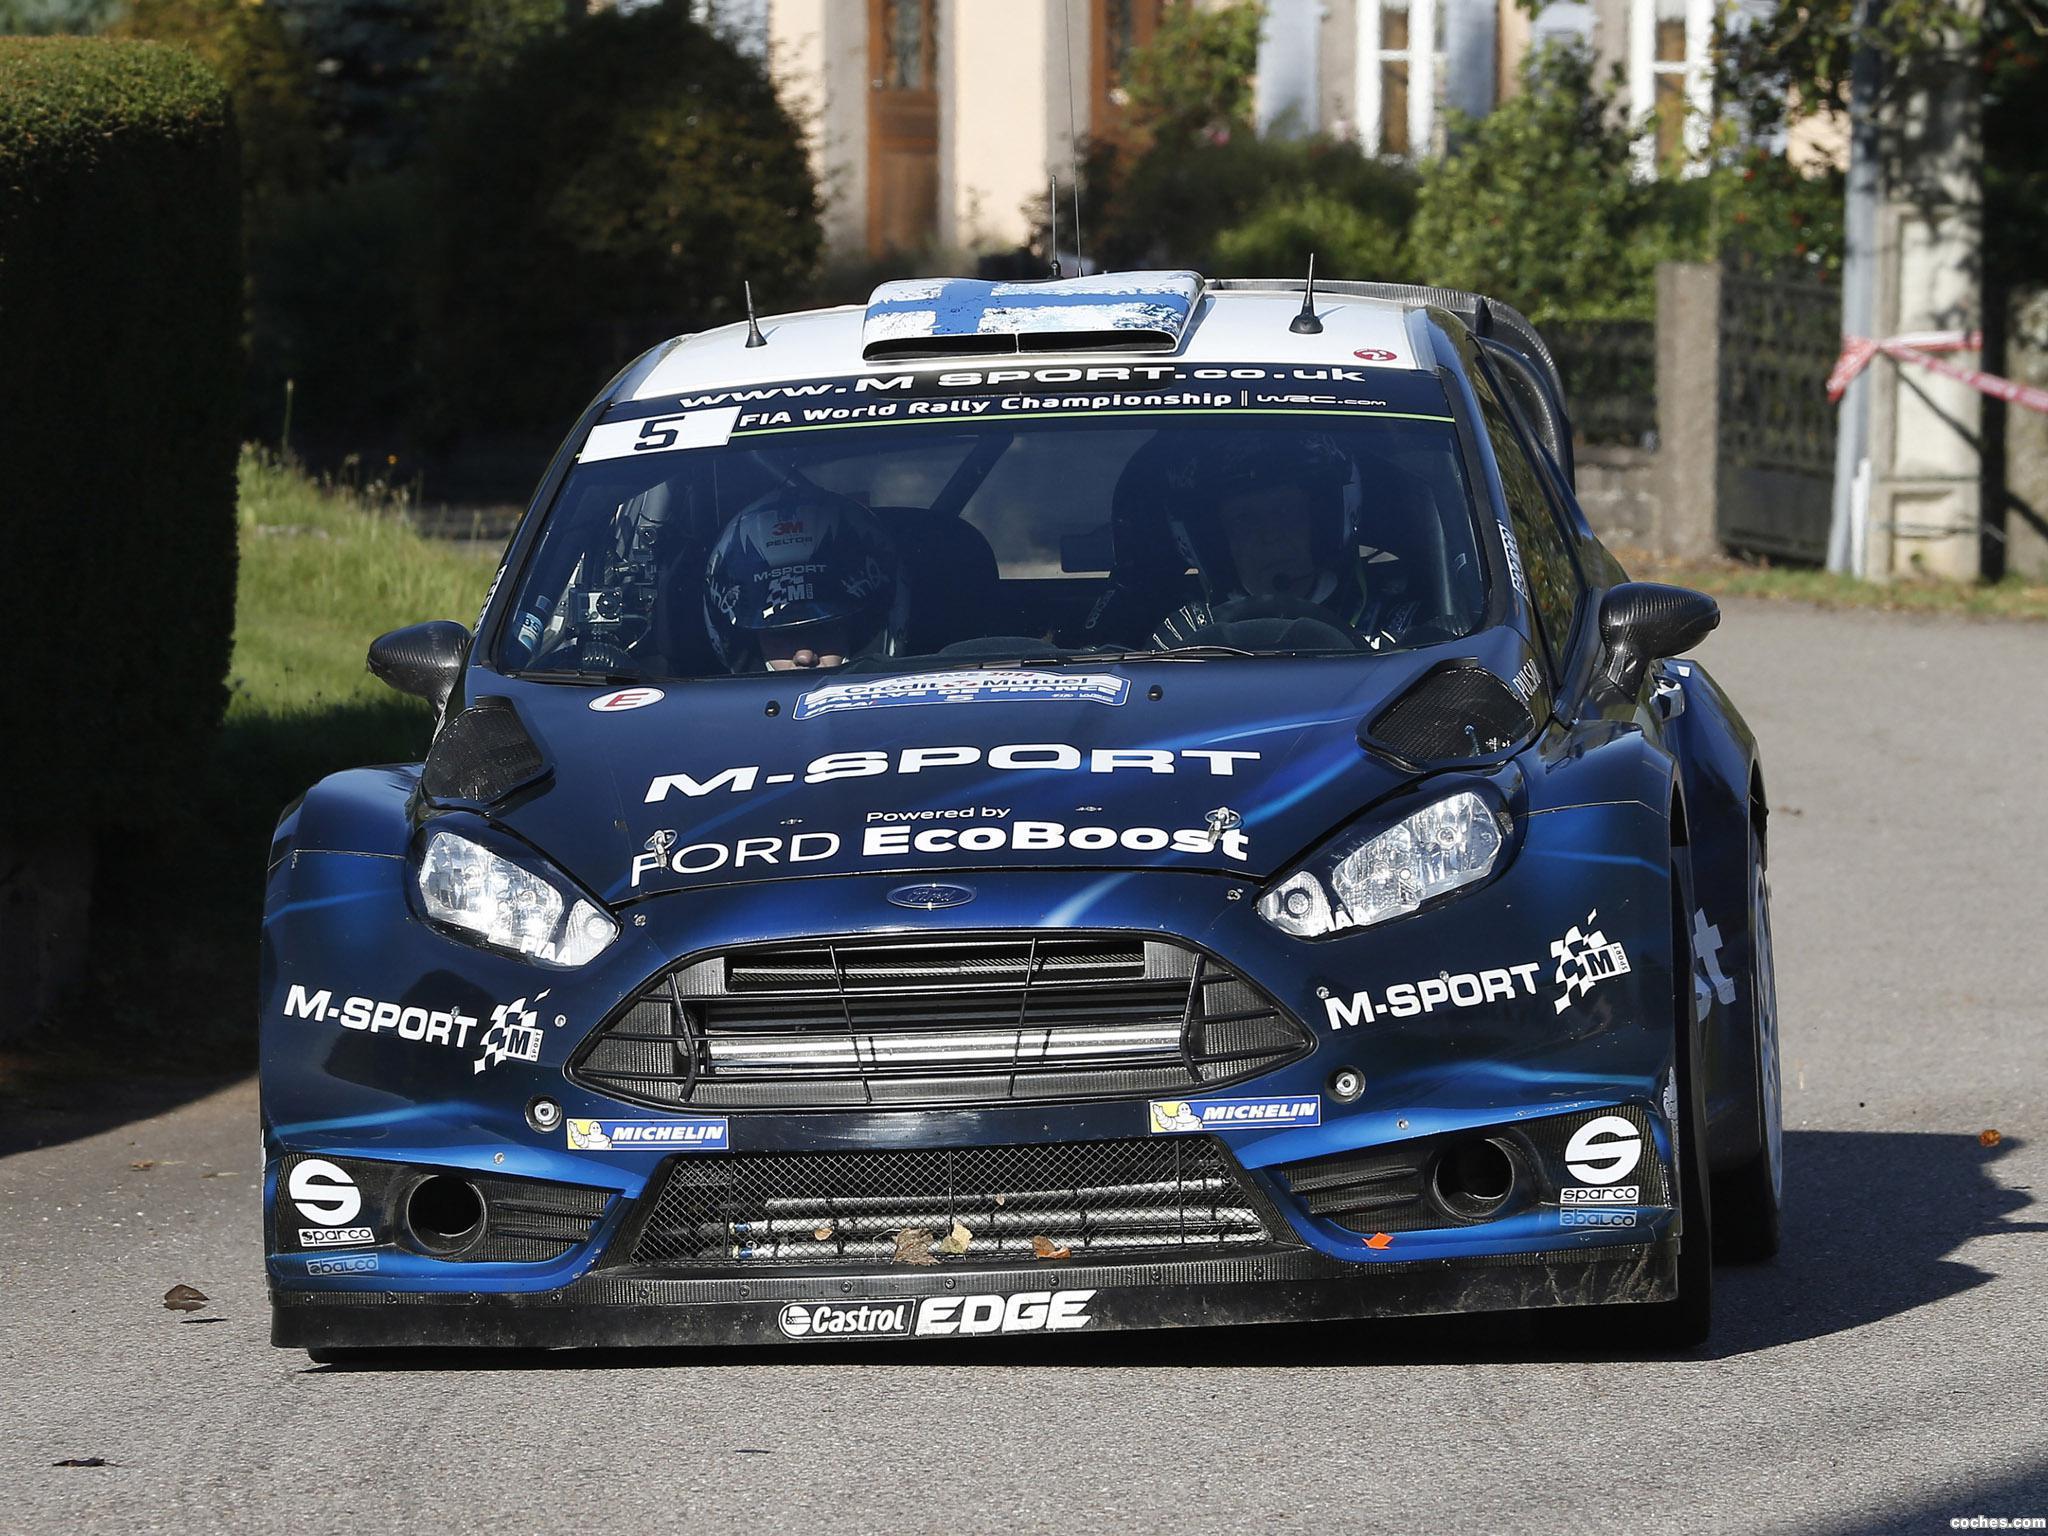 Foto 12 de Ford Fiesta RS WRC 2014